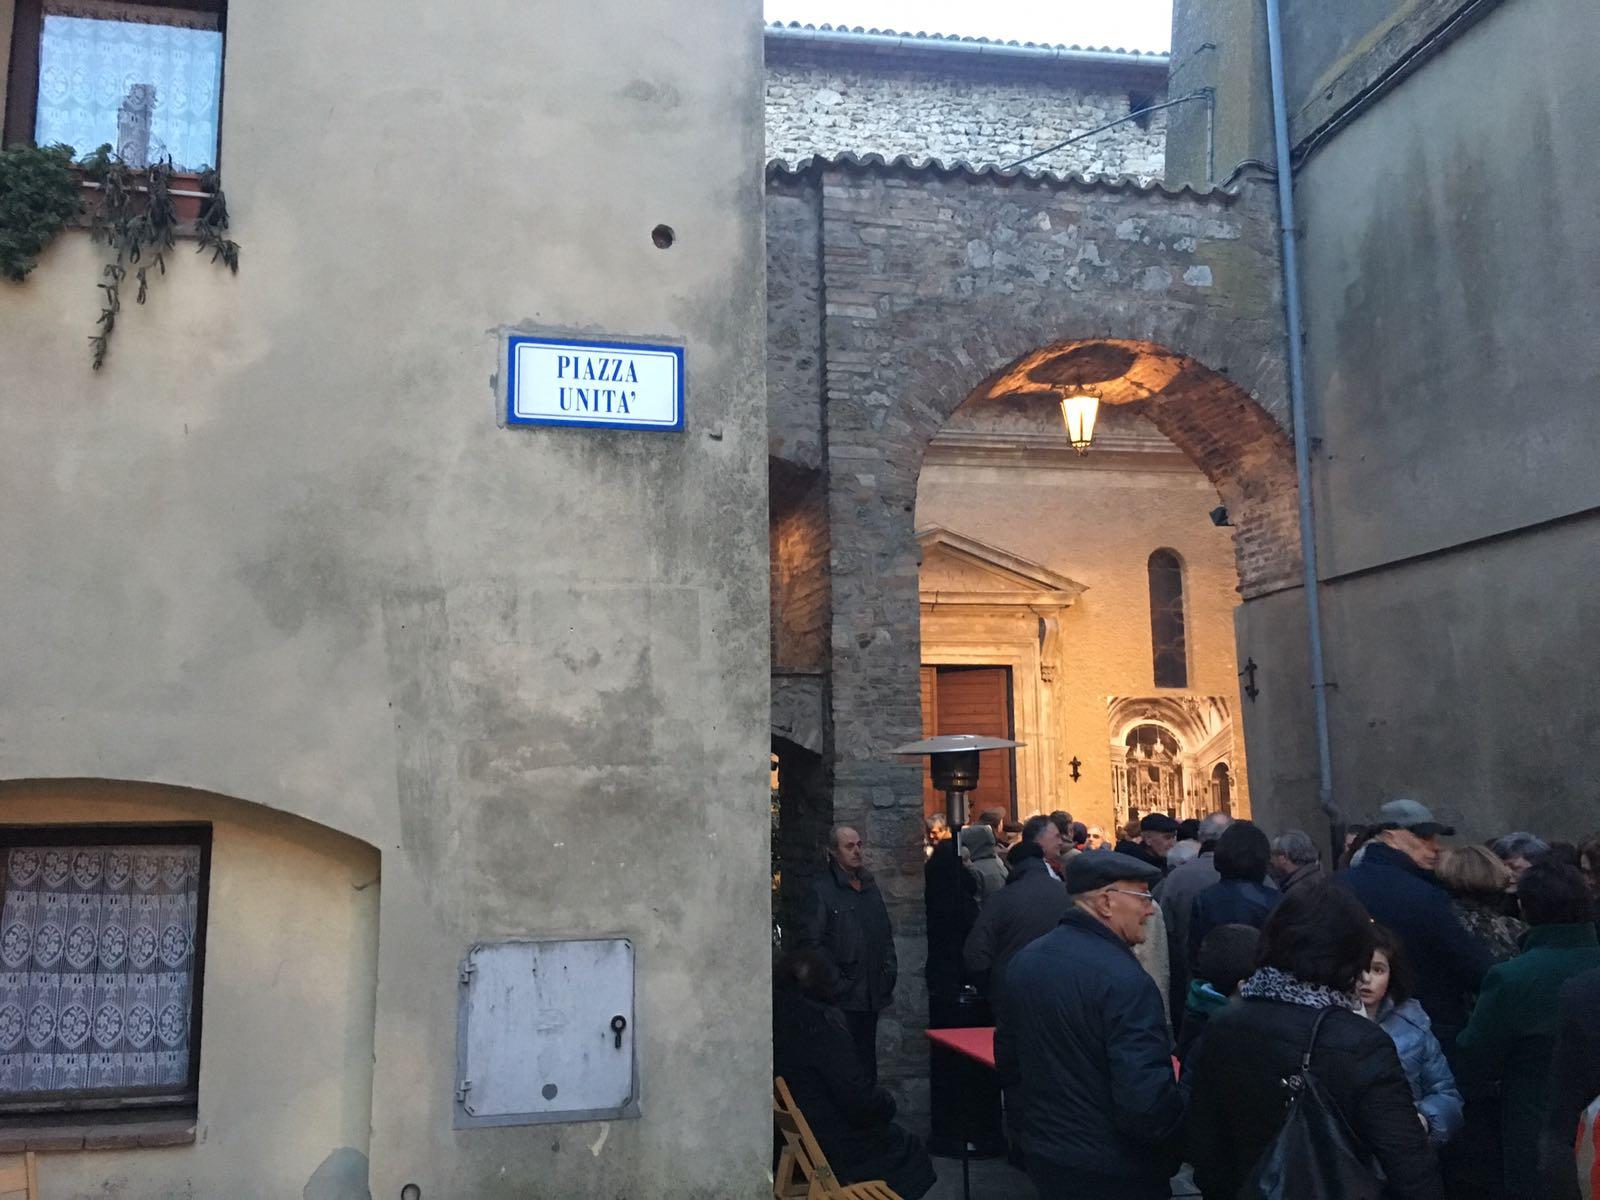 Ladri in azione a Palazzo Vici e nella chiesa parrocchiale